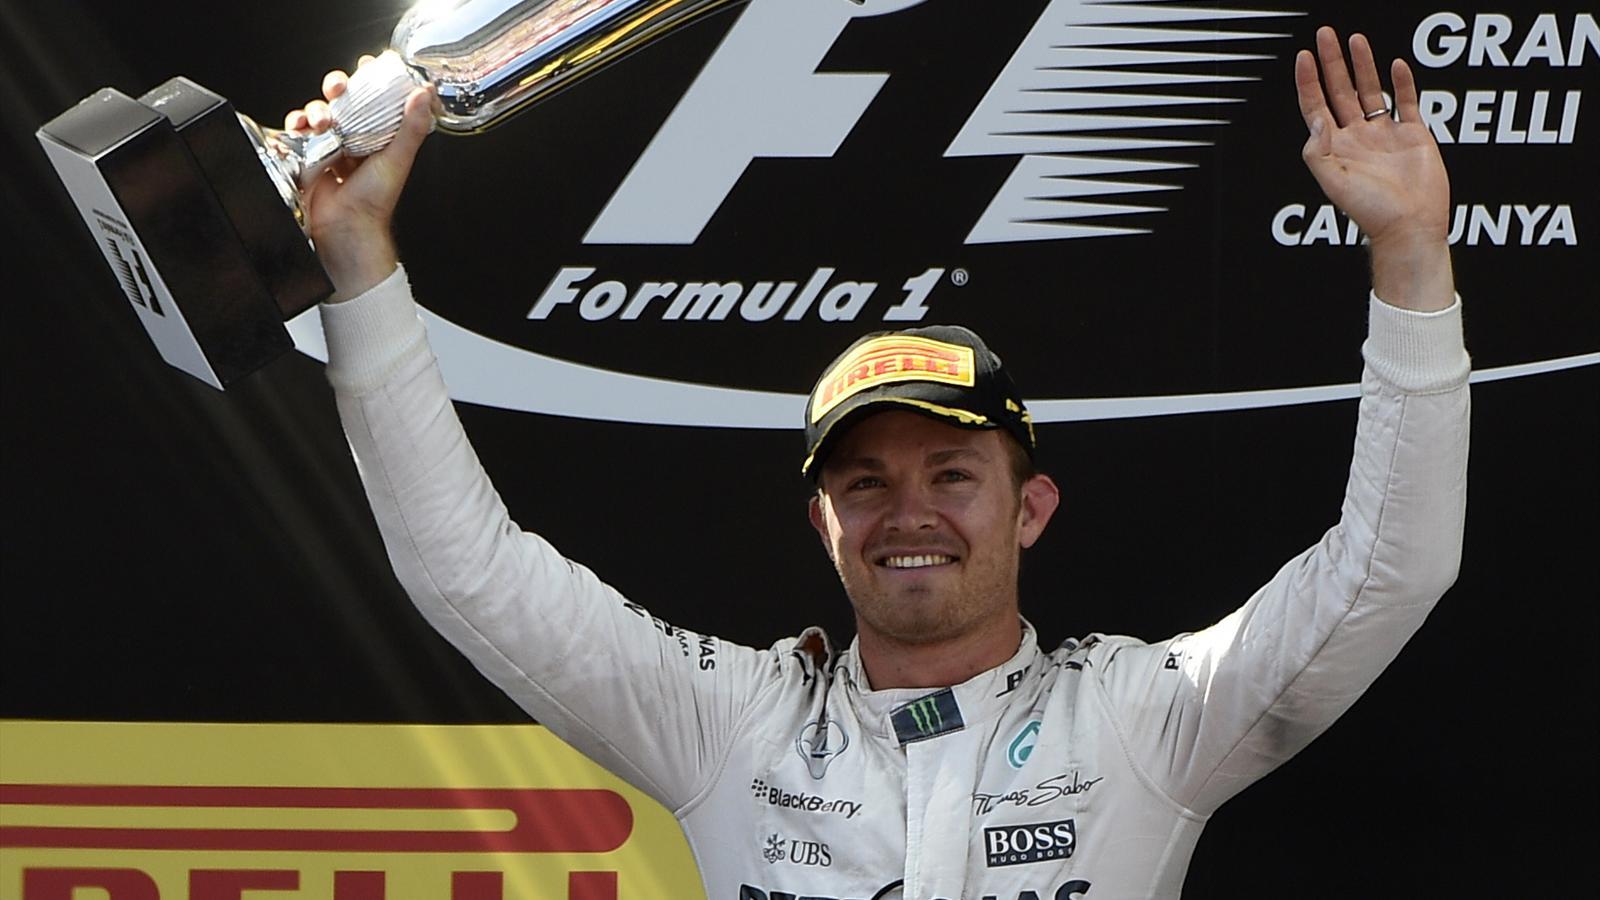 Spécial Sebastian Vettel (Formule un) - Page 18 1504213-32081428-1600-900